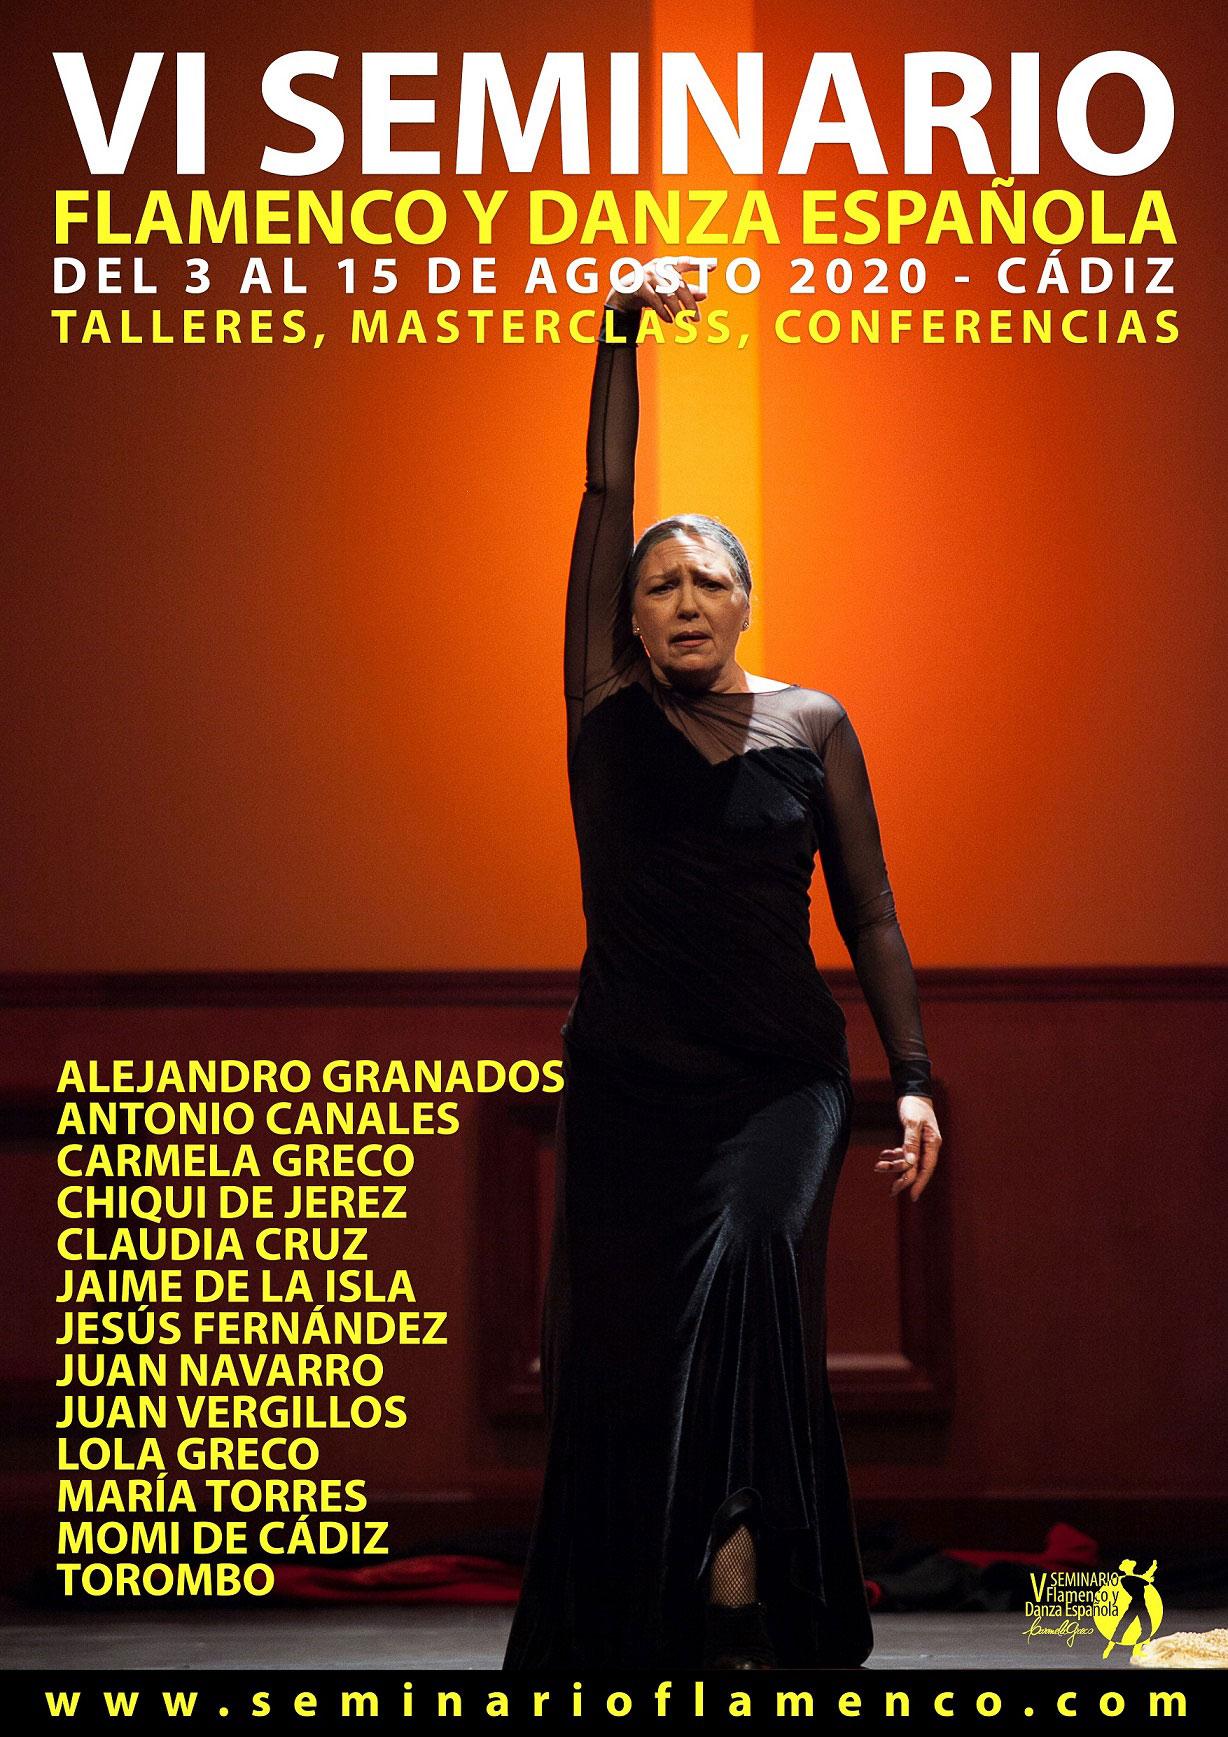 Seminario de Flamenco y Danza Española - Cádiz